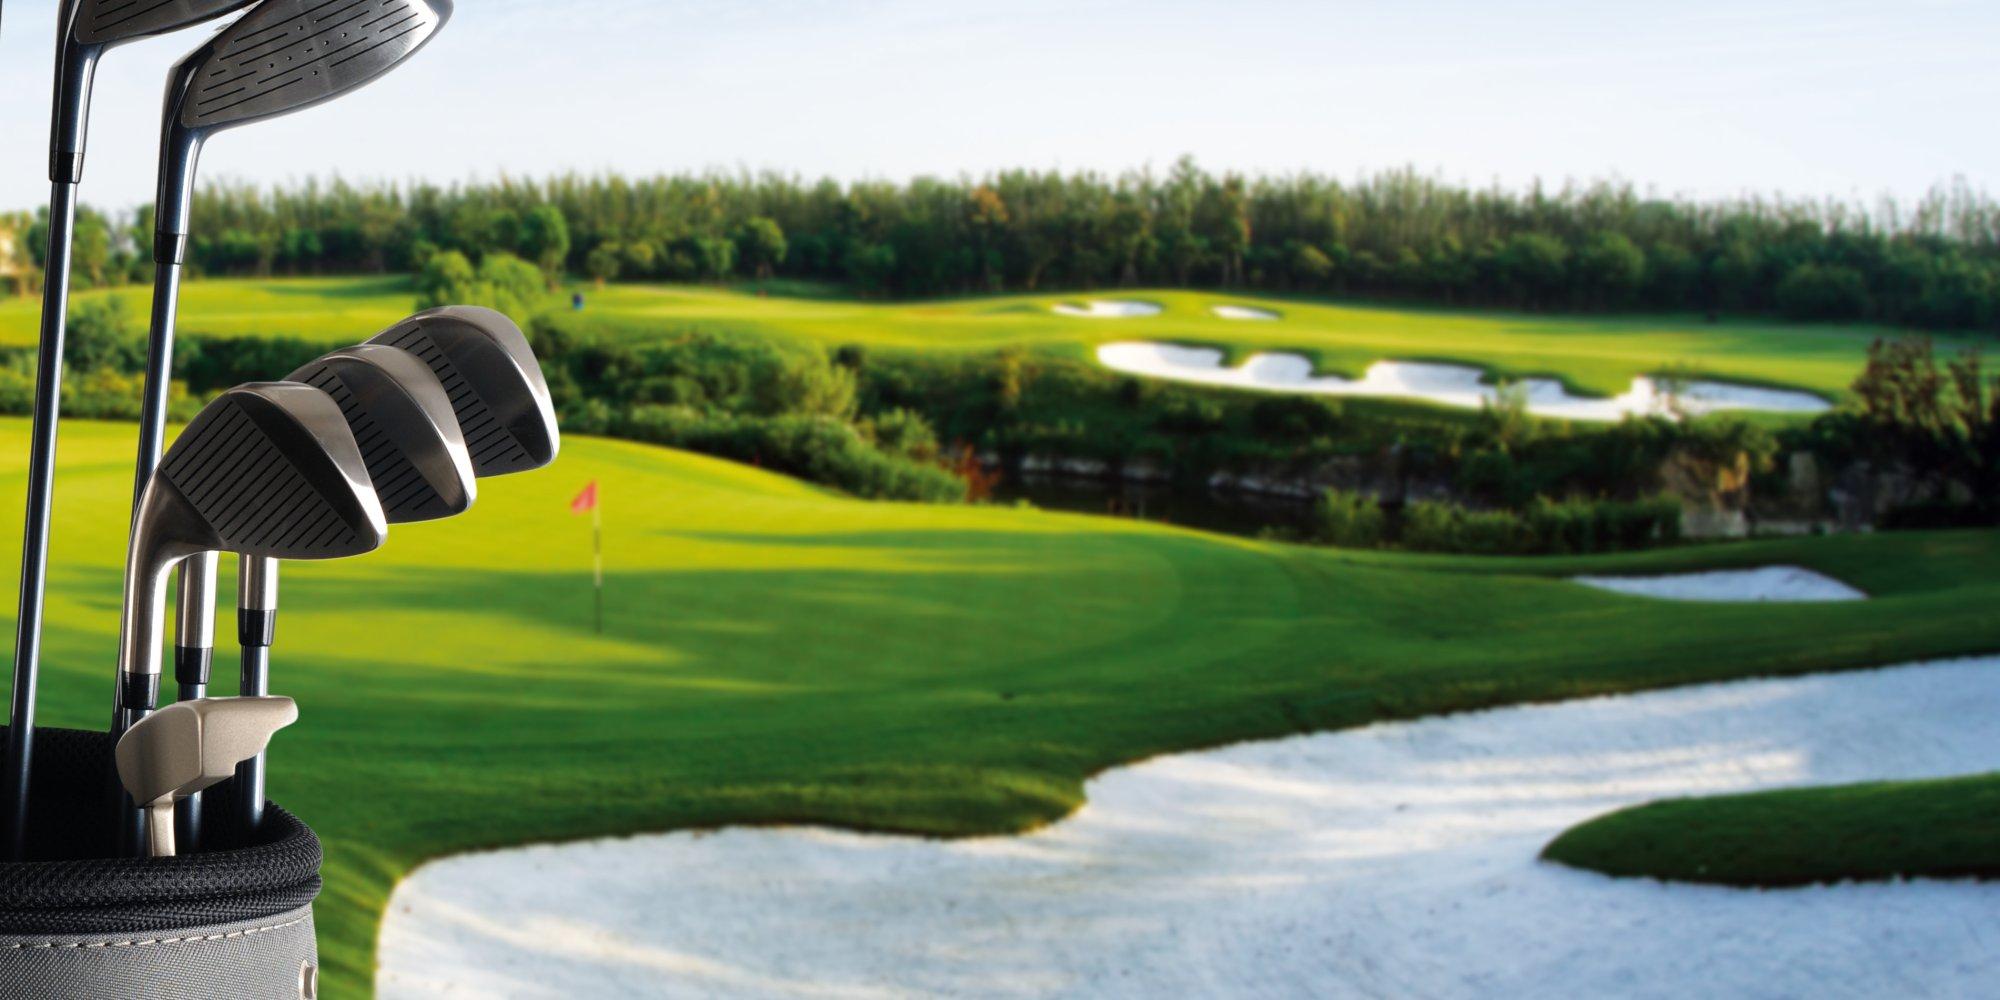 Dự án sân golf Yên Dũng sẽ thúc đẩy phát triển kinh tế tỉnh Bắc Giang